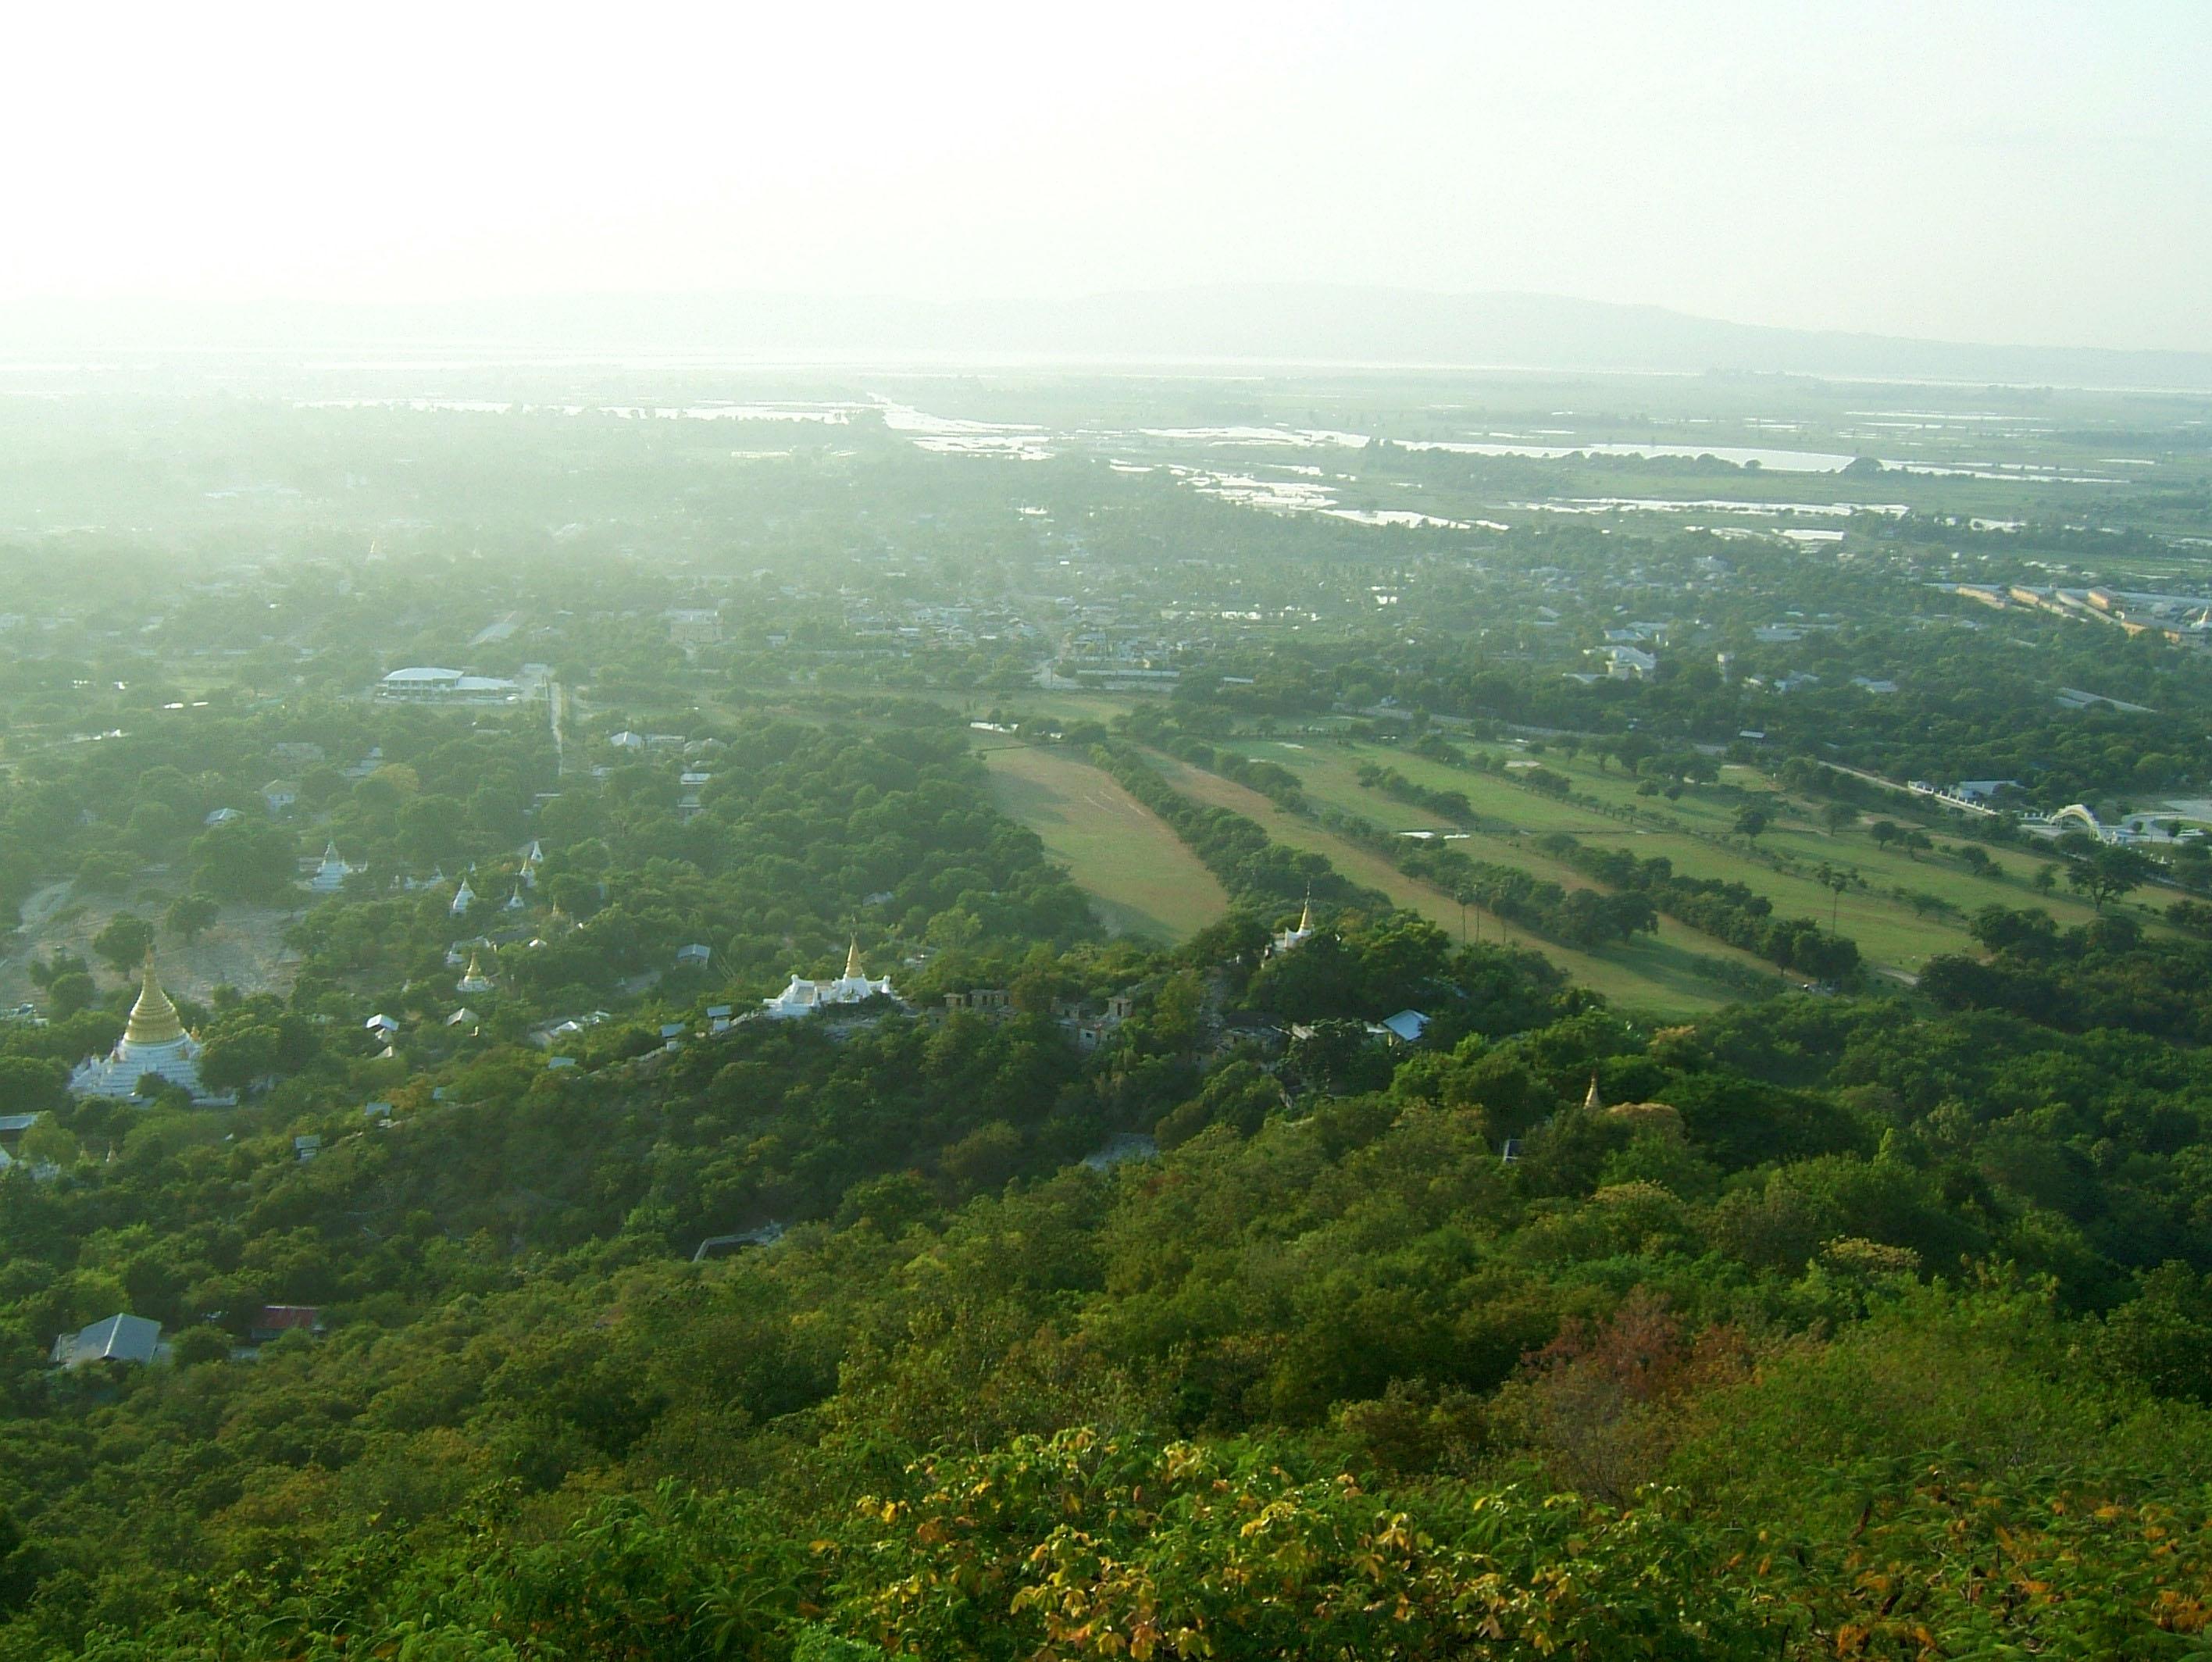 Mandalay Hill Sutaungpyei Pagoda panoramic views Dec 2000 22